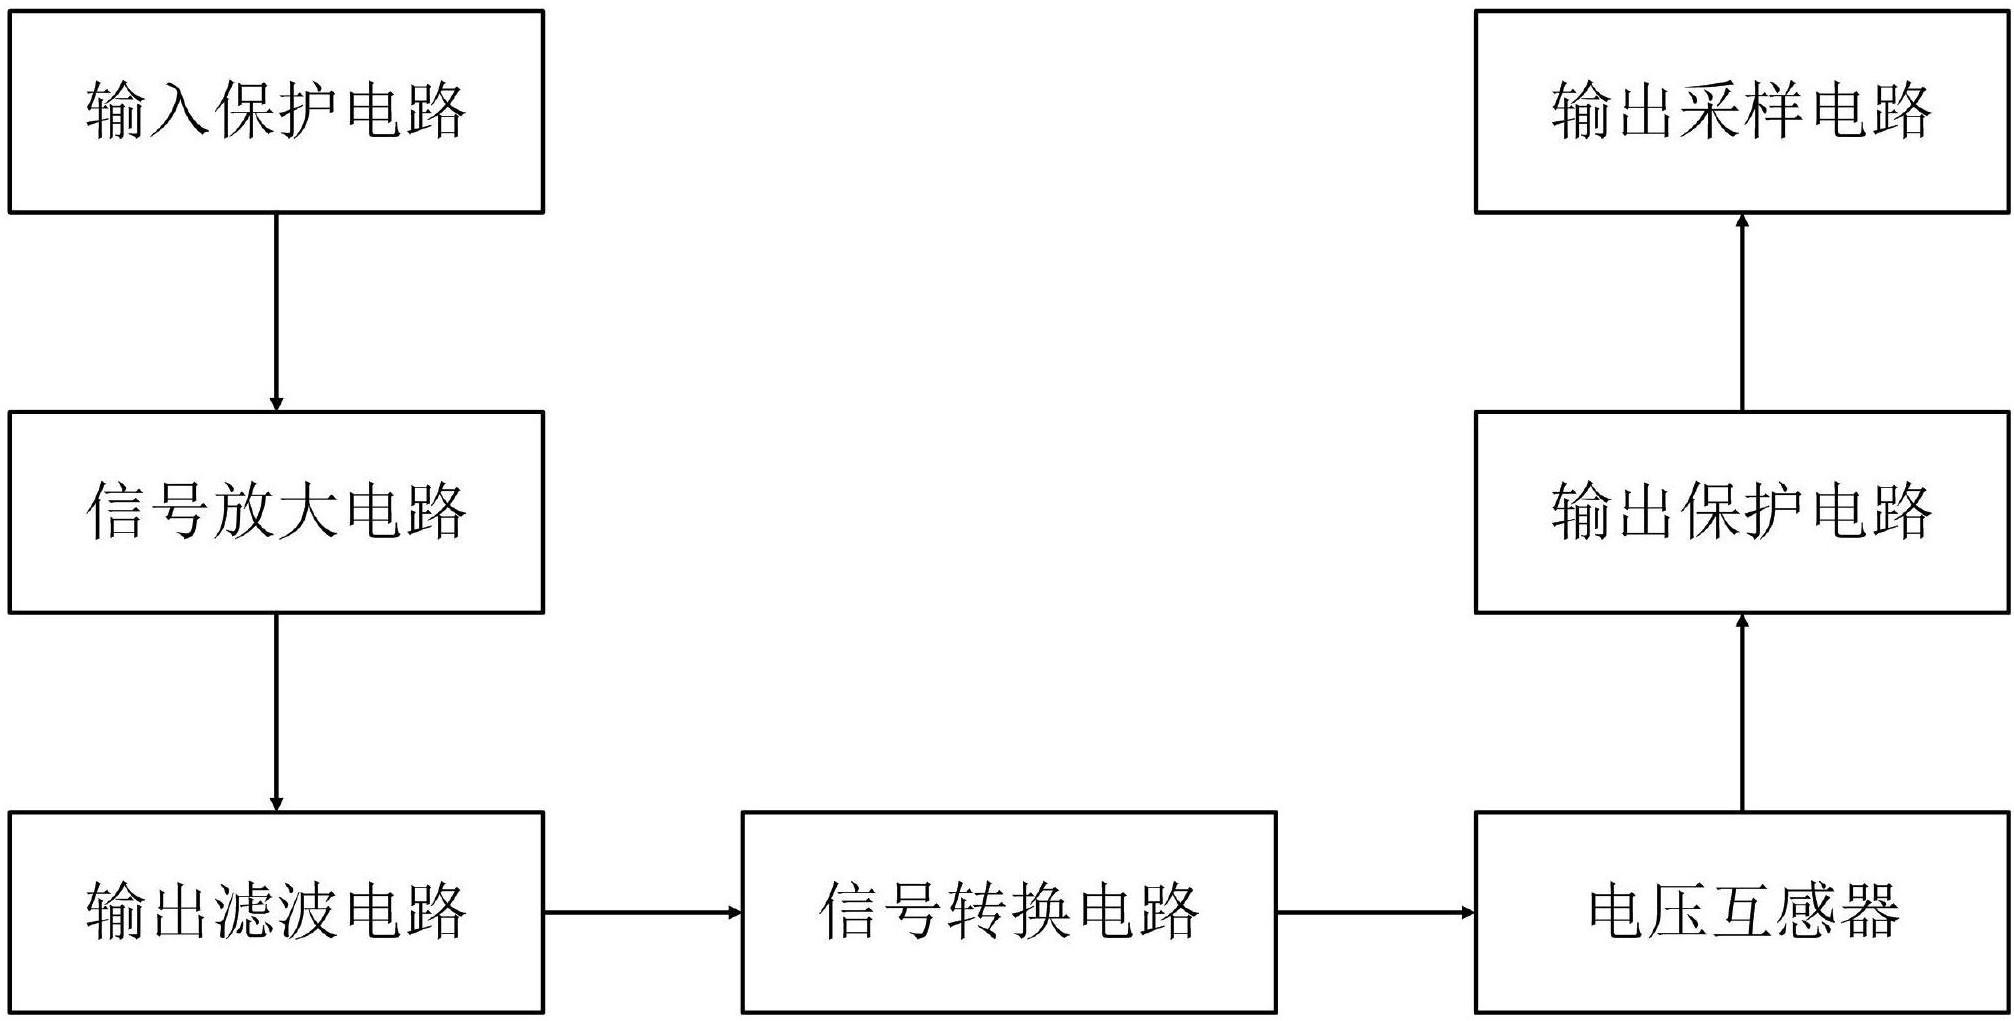 【仪表最新专利】新型电子式电压传感器及其电能表